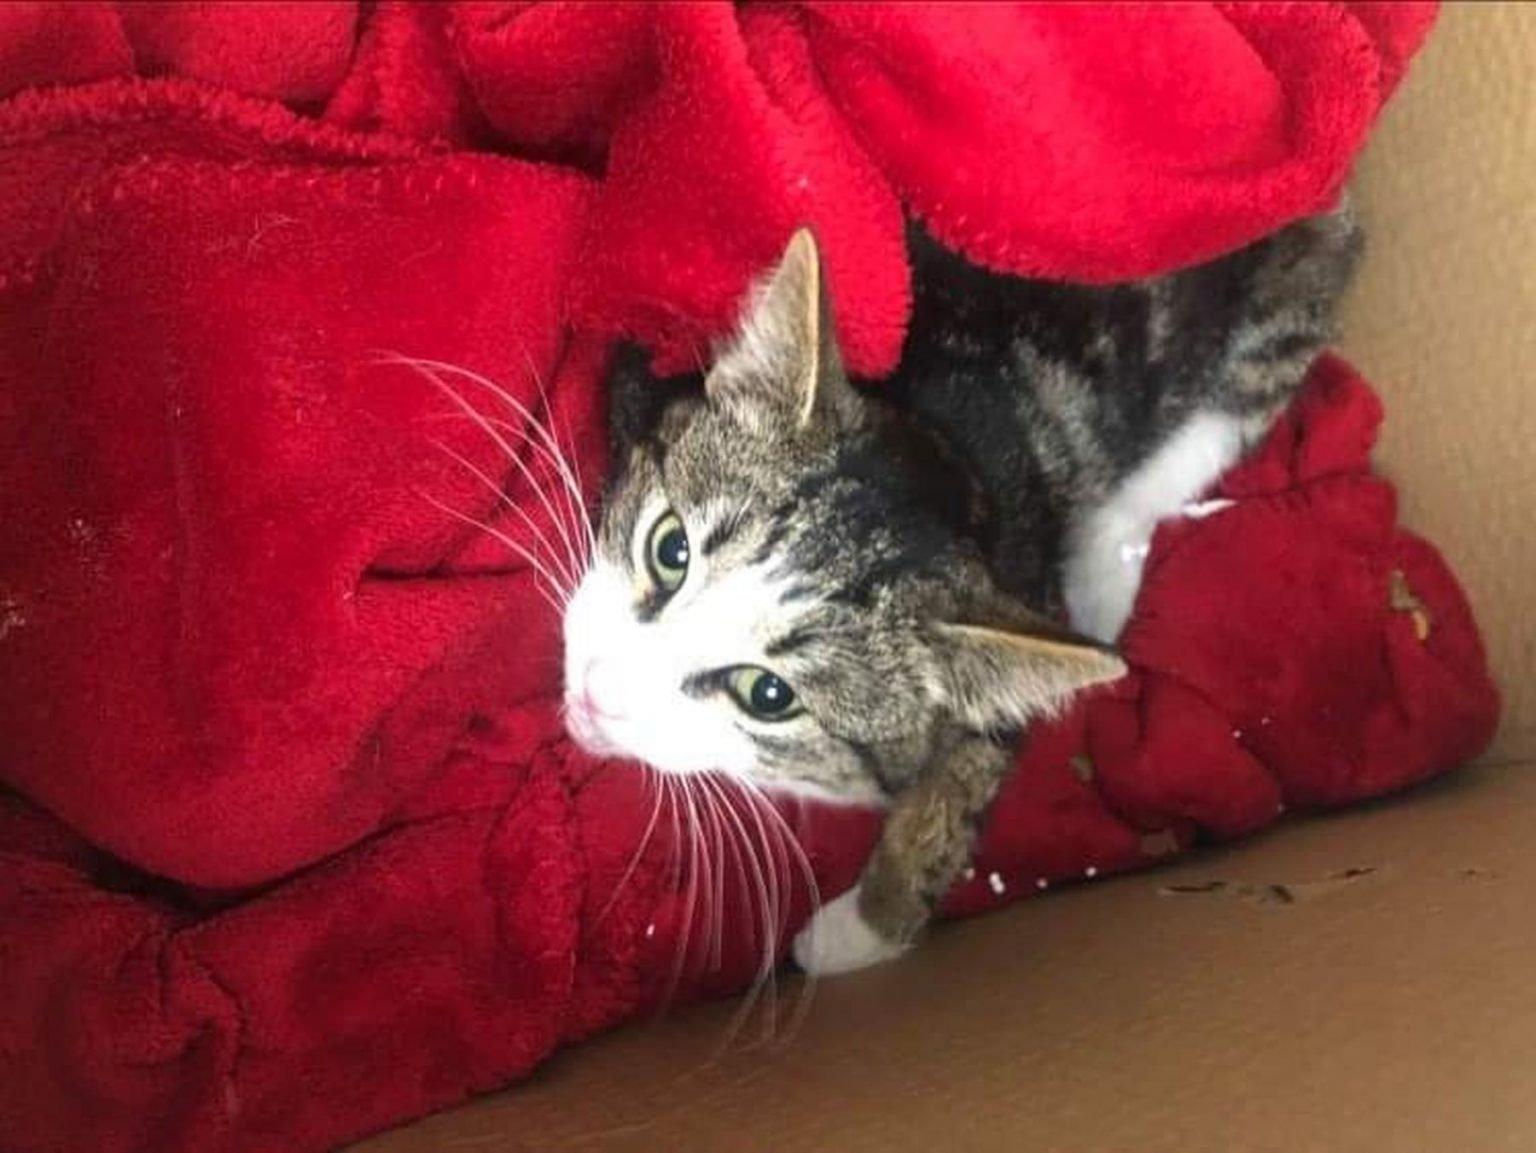 Širdį verianti istorija: sužeistą katę išgelbėti norėję kauniečiai susidūrė su prieglaudų abejingumu